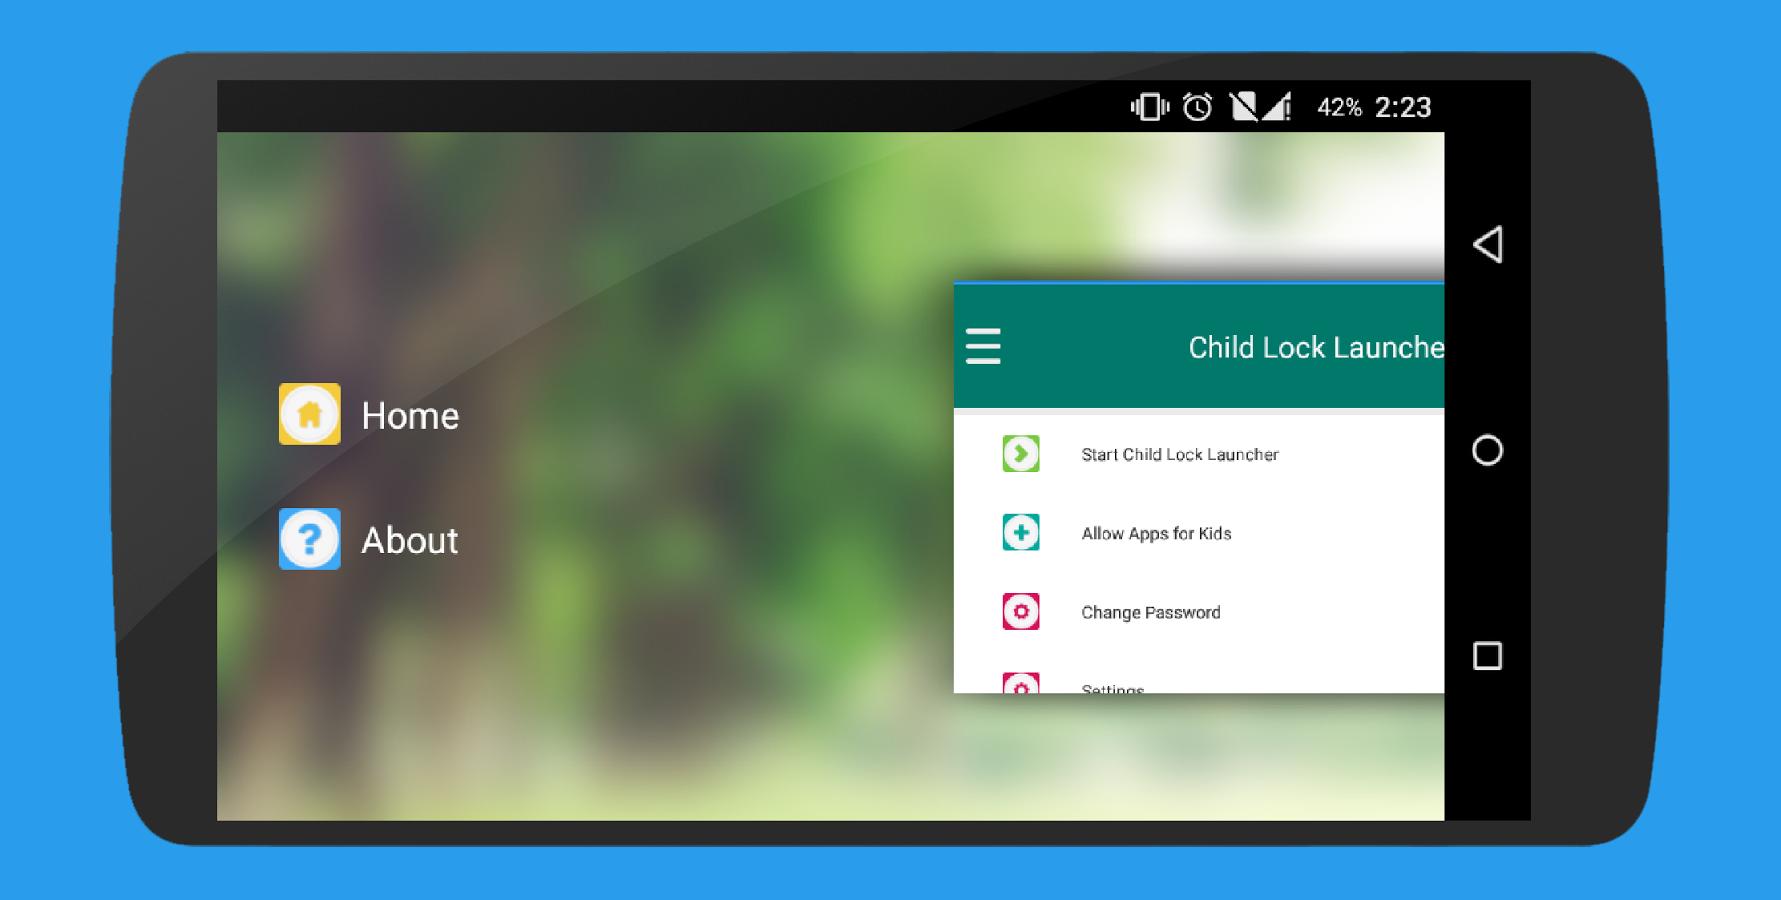 تطبيق Child Lock Launcher تحكّم أبوي كامل لإستخدام في هاتف طفلك